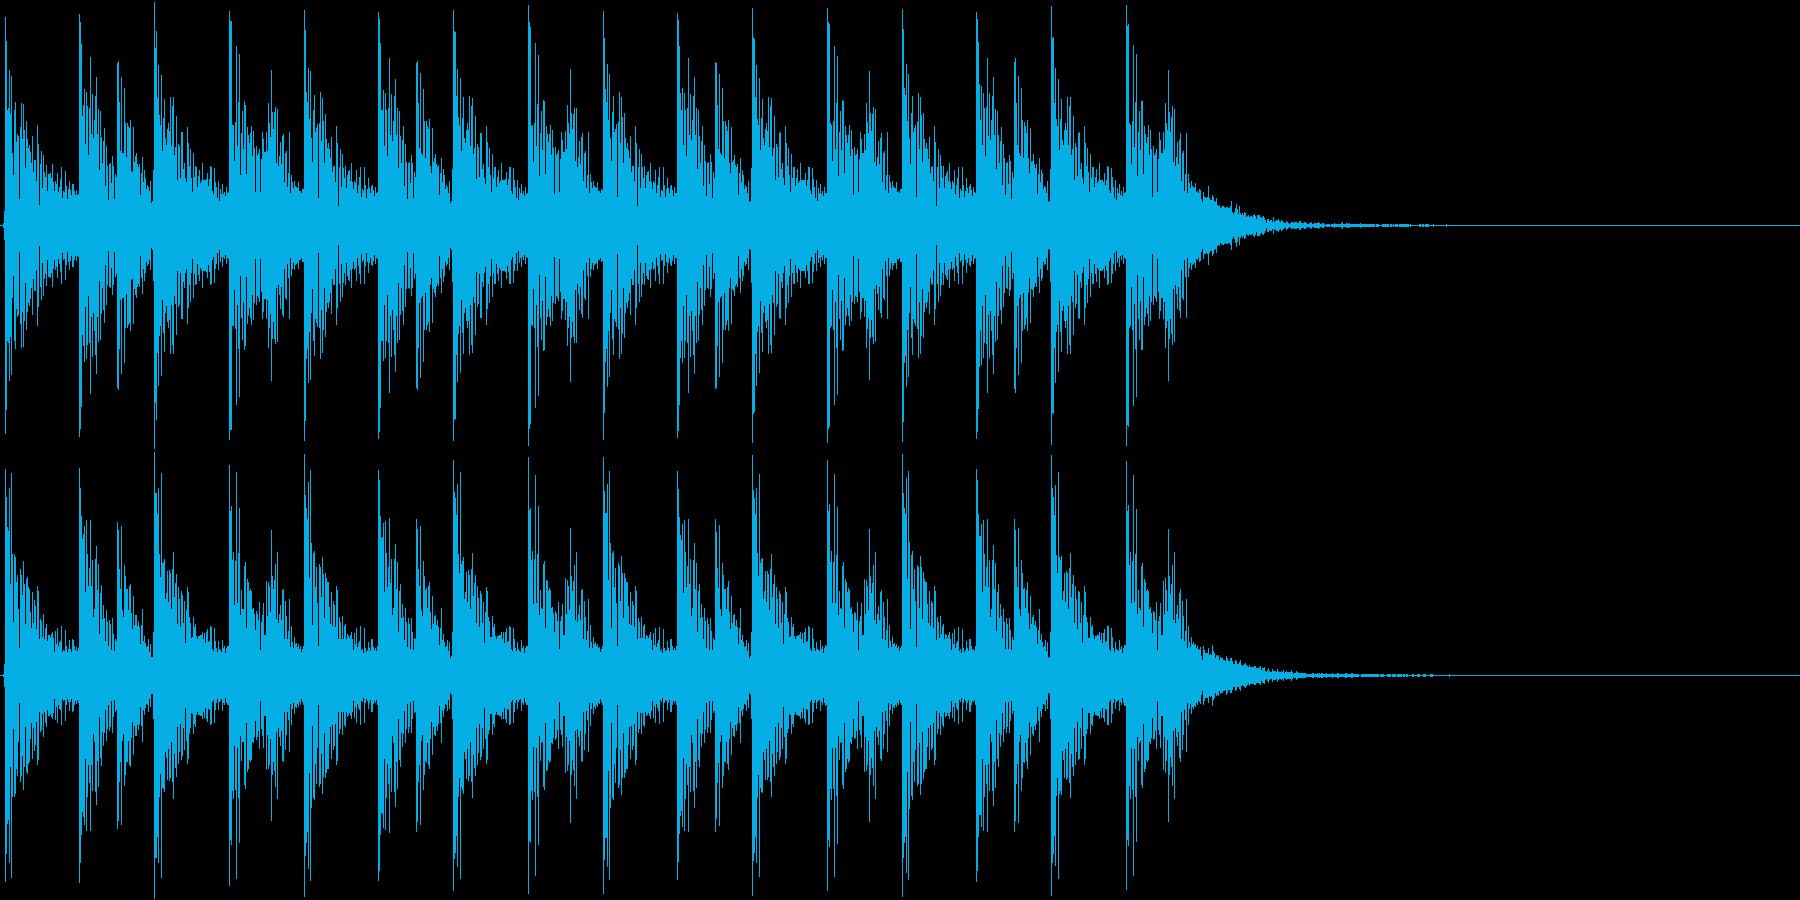 ドンドコドンドコ…(和太鼓、リズム)の再生済みの波形